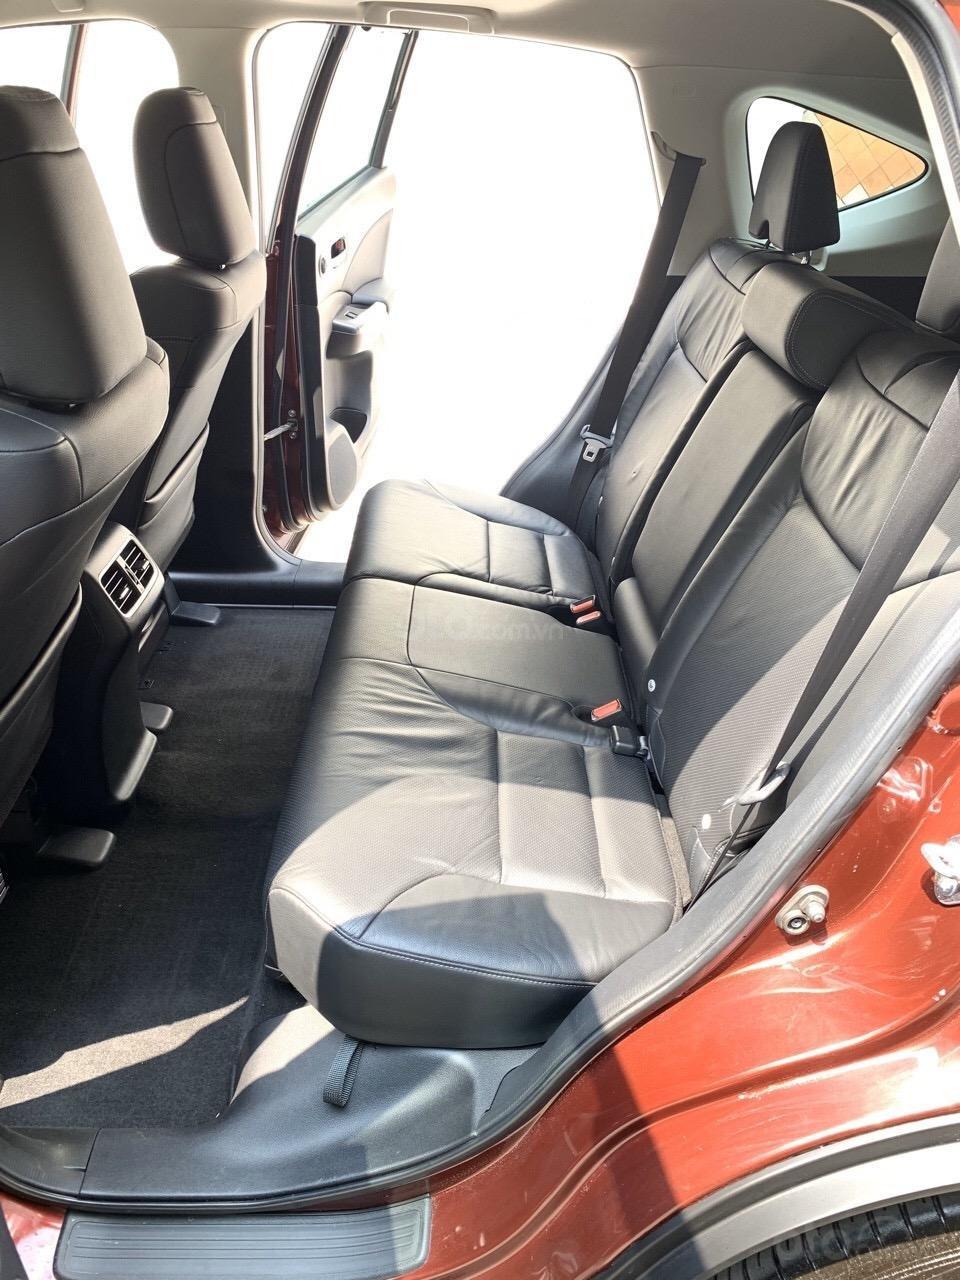 Bán Honda CRV 2.4 bản TG SX 2017 lẫy số vô lăng, xe đen bao check hãng (4)